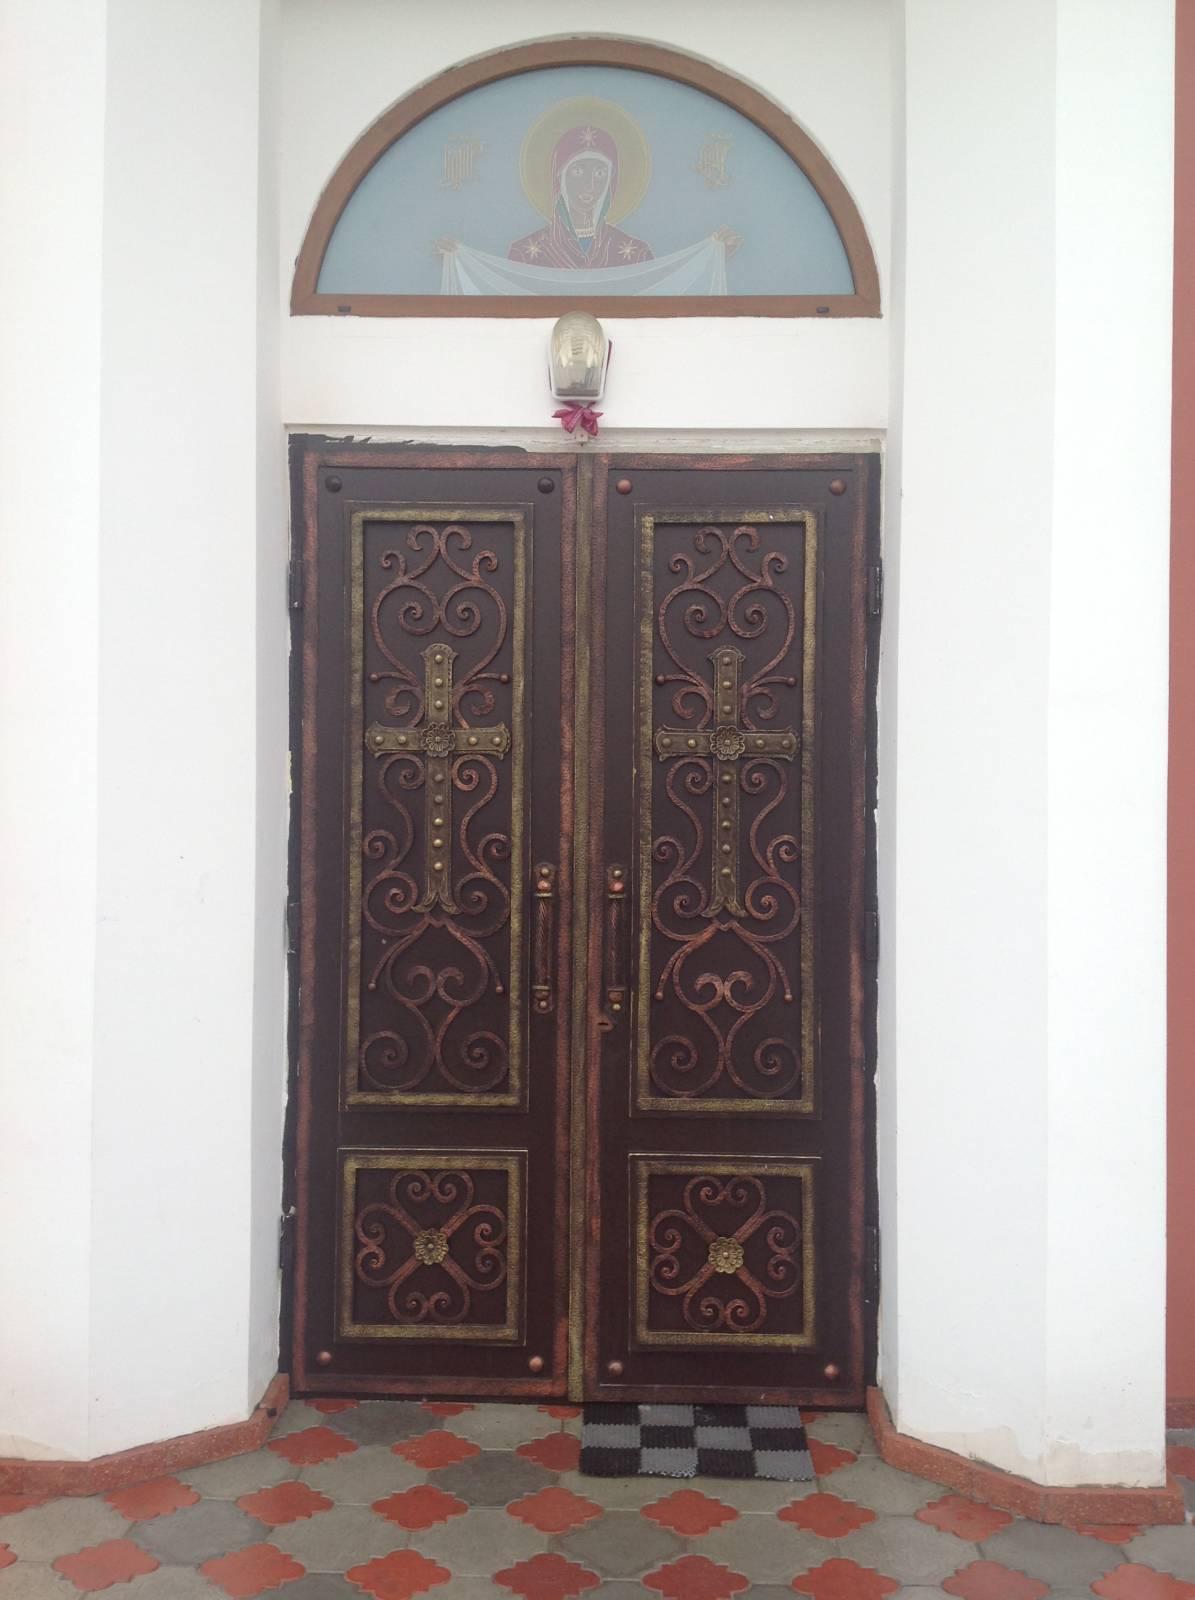 образцы элементов ковки на входные двери в храм